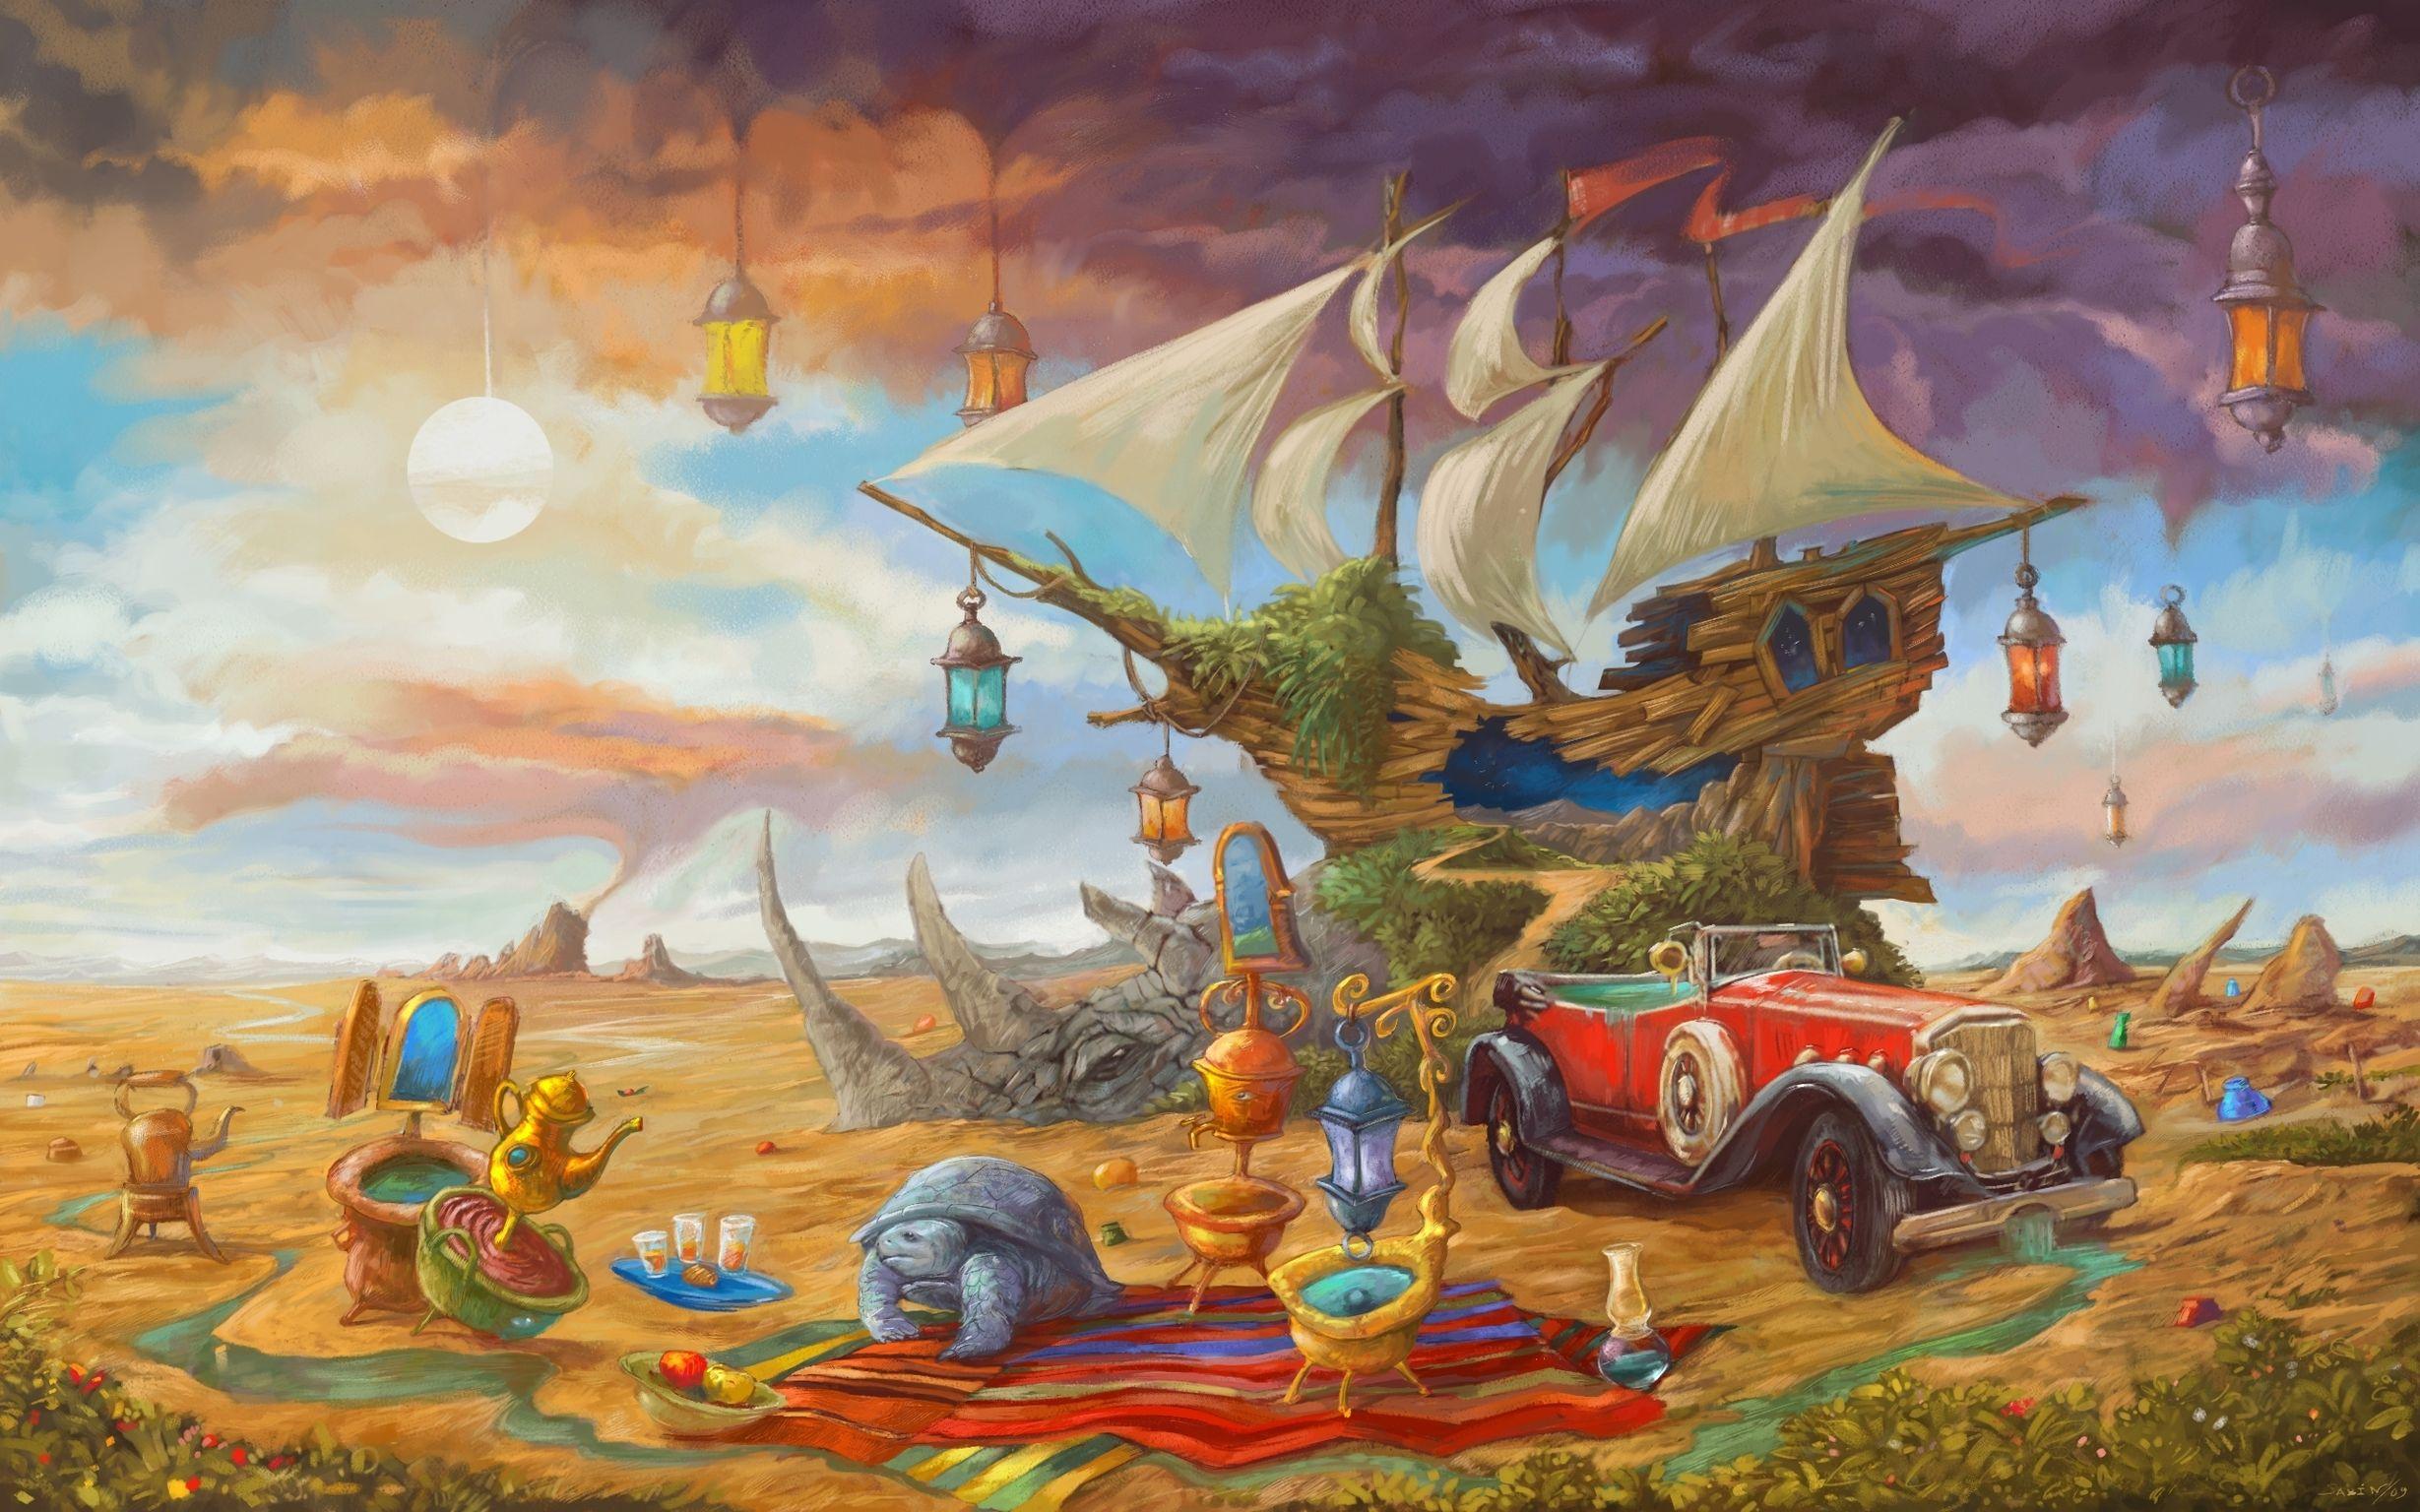 фантастические сказочные миры картинки крыльев